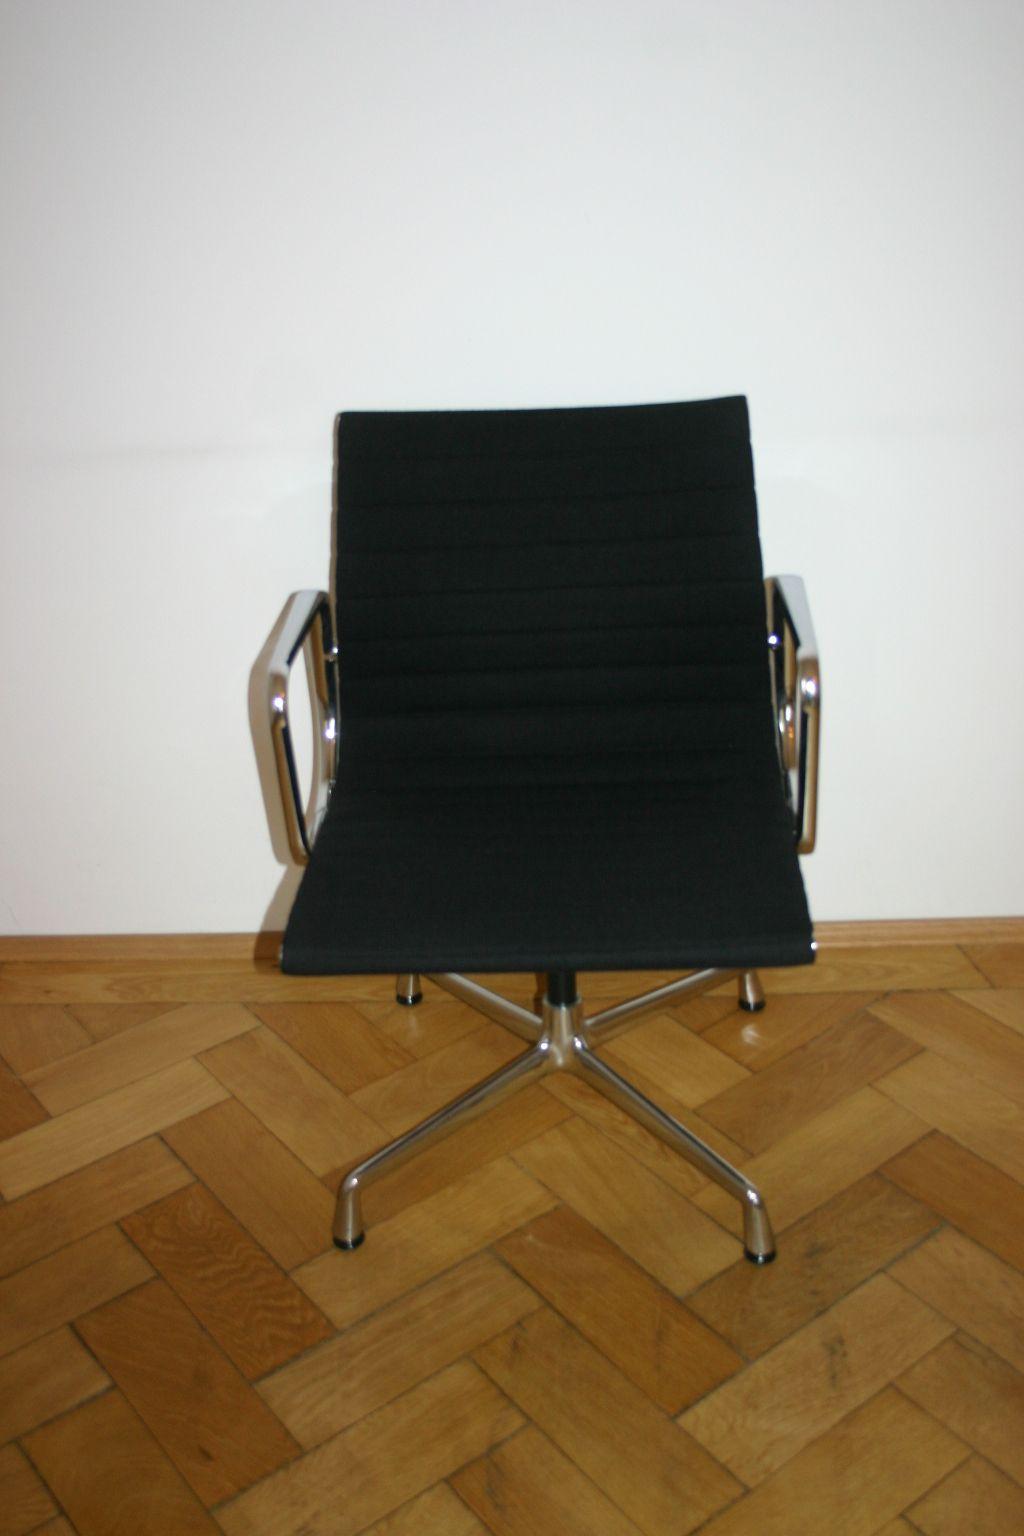 eleganter aluchair ea108 von vitra charles eames design. Black Bedroom Furniture Sets. Home Design Ideas